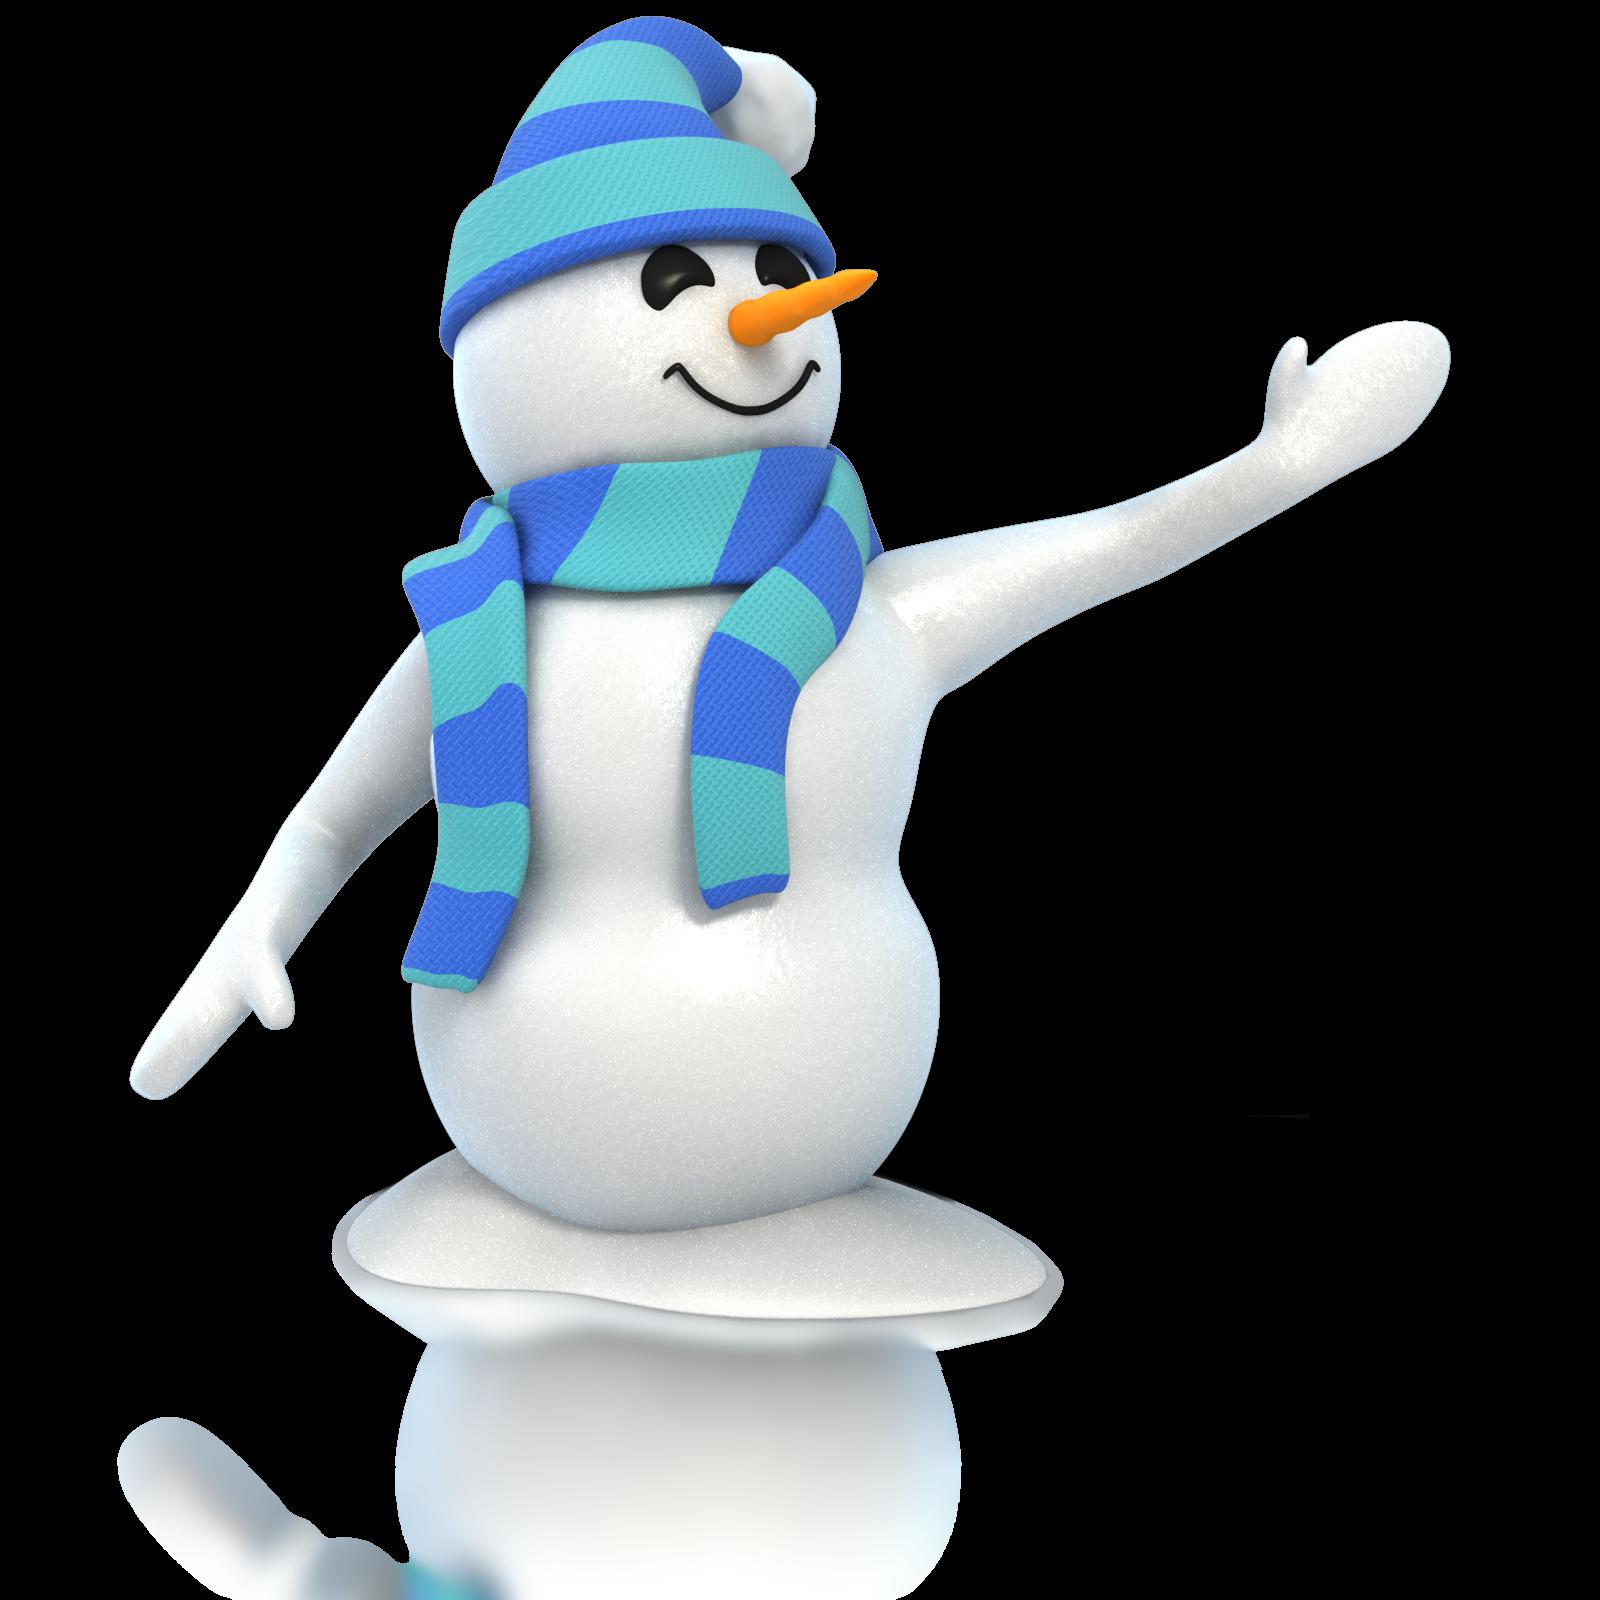 Snowman Png image #30775 - Snowman PNG